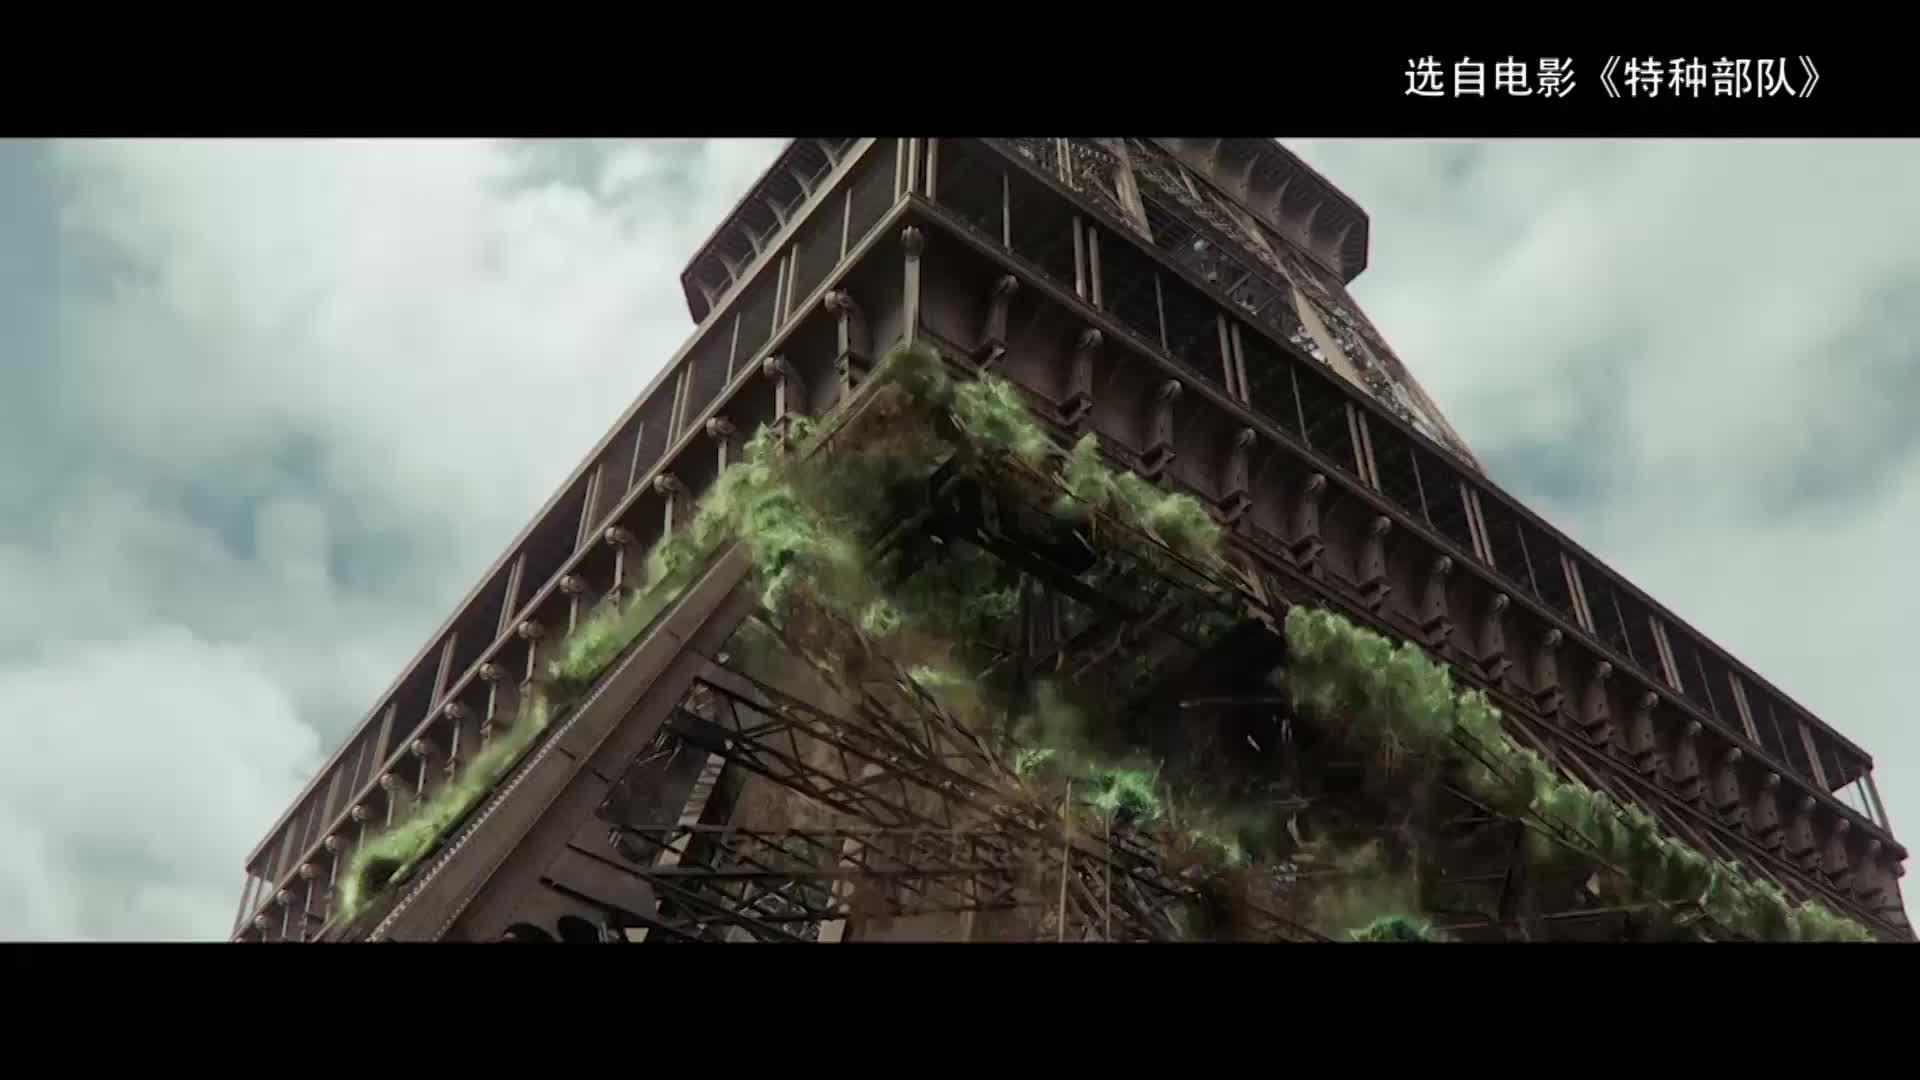 《物理大师》51分子热运动上-埃菲尔铁塔之死